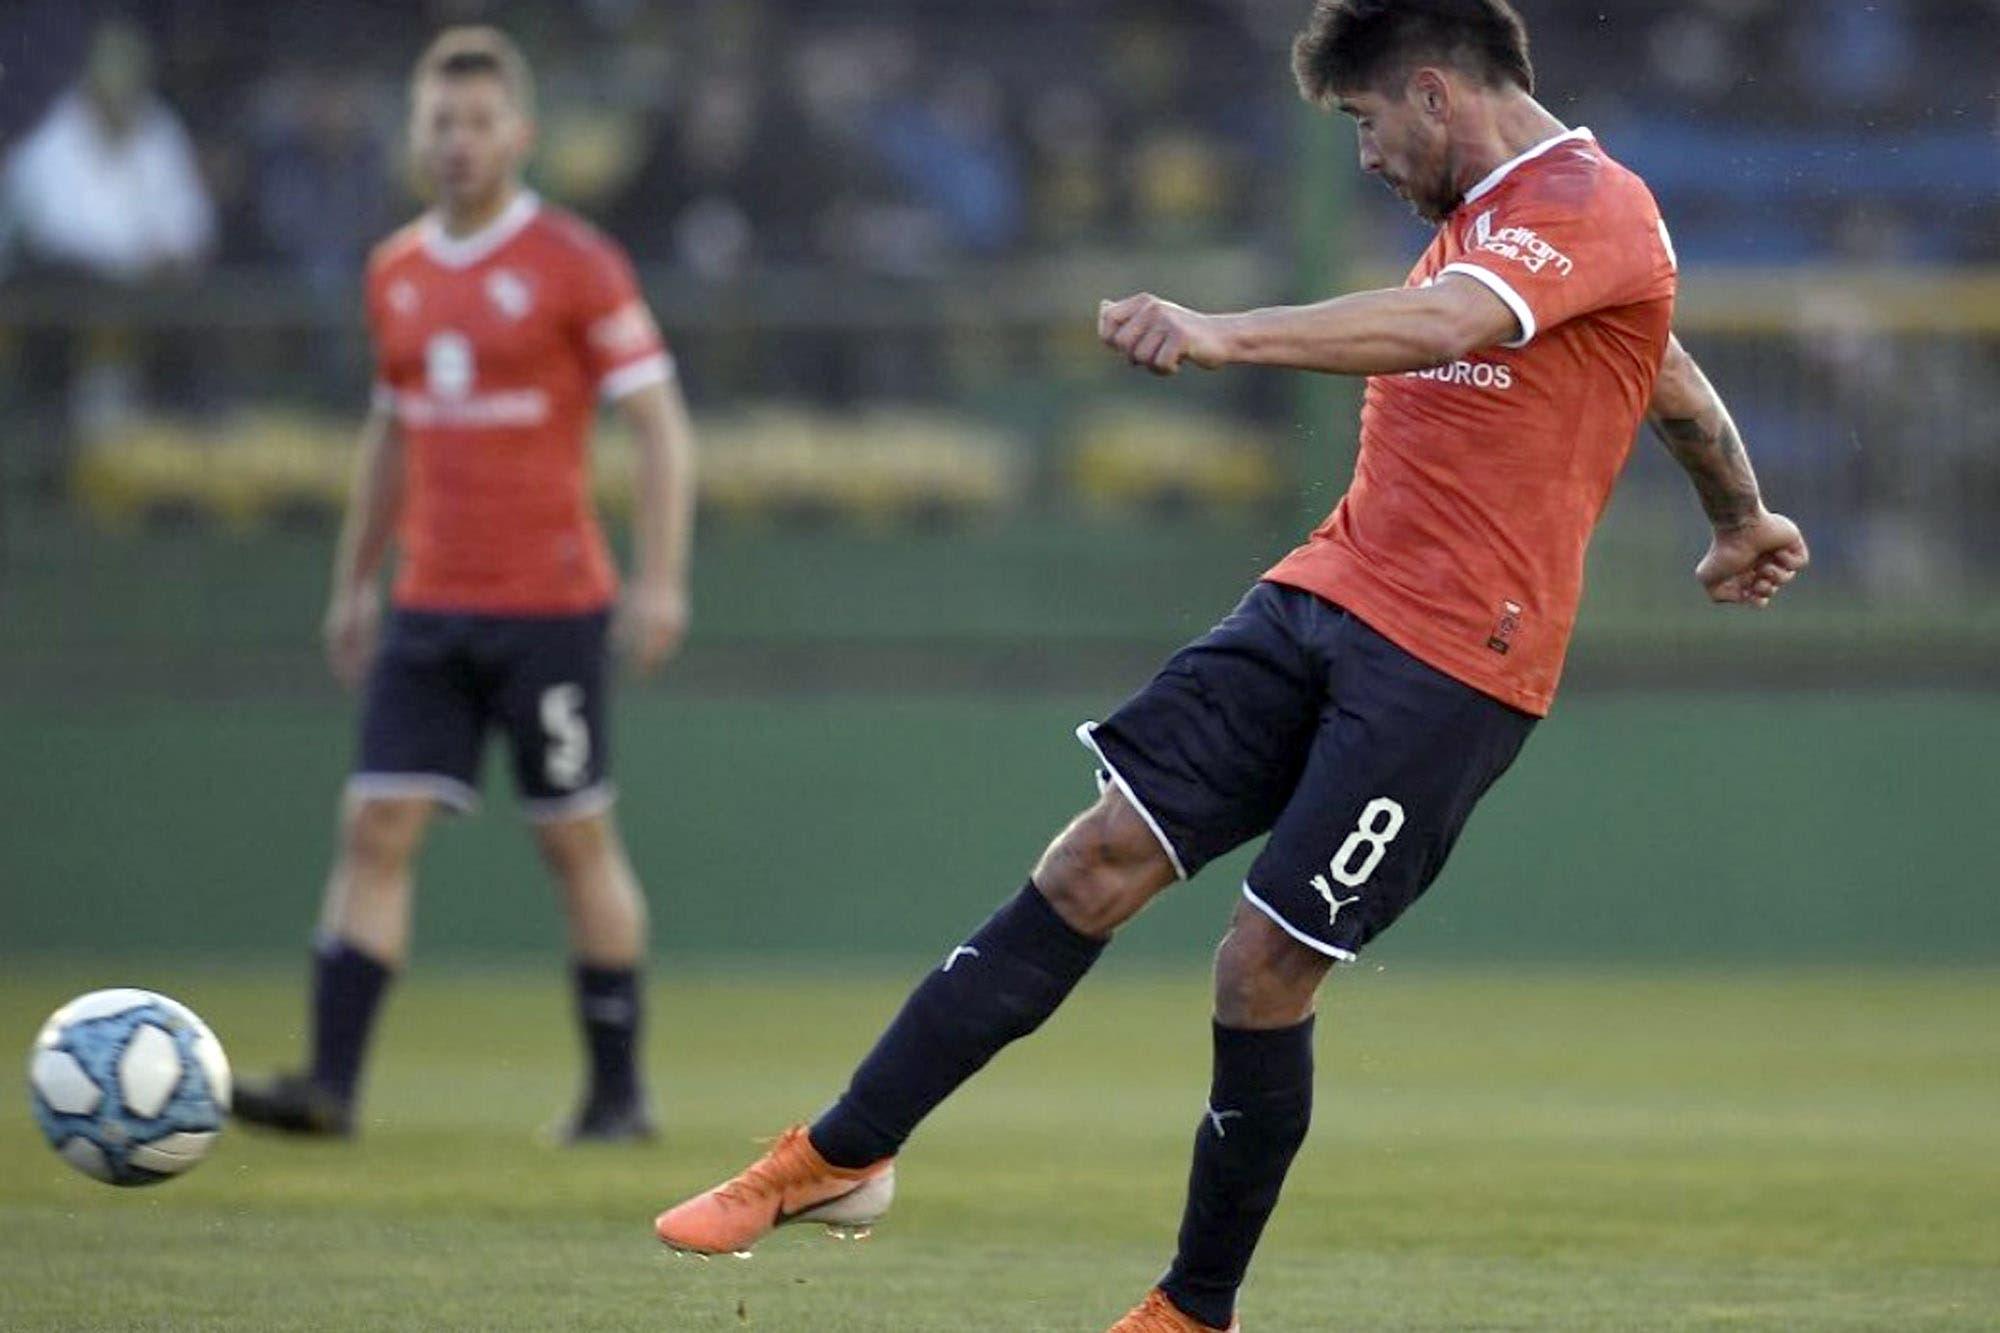 Independiente-Patronato, por la Copa Argentina: horario, TV y formaciones